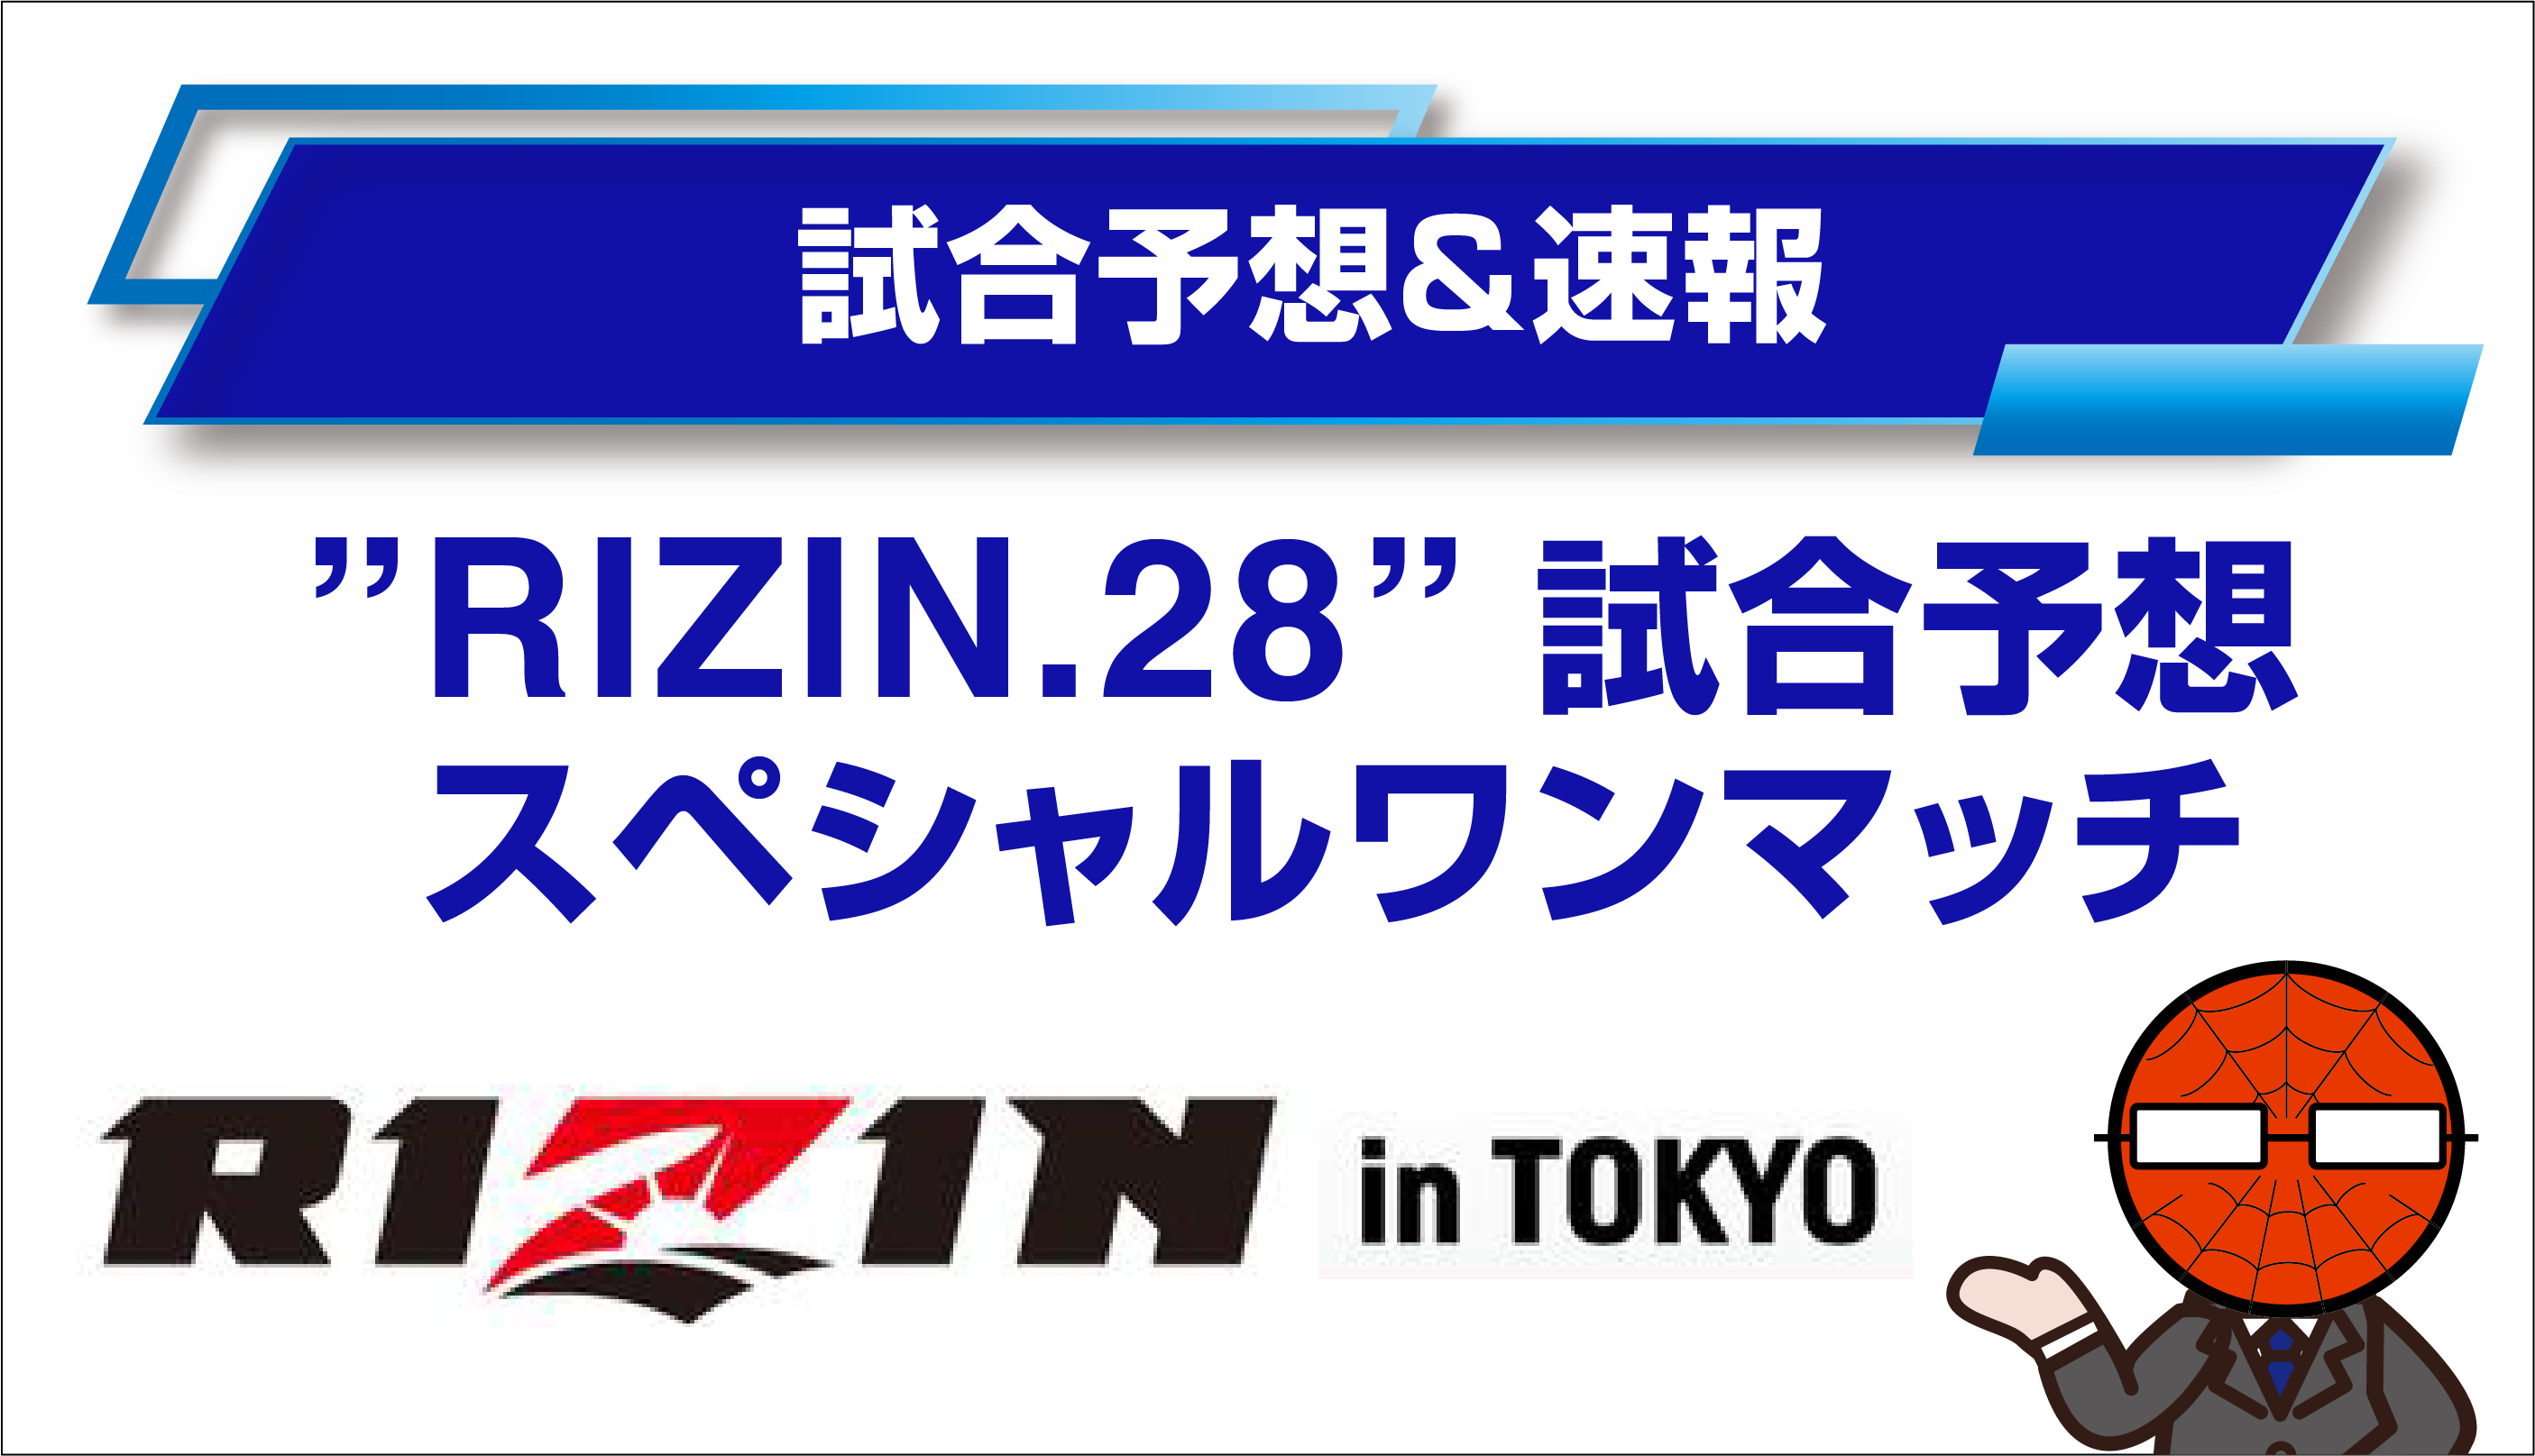 rizin-28-2